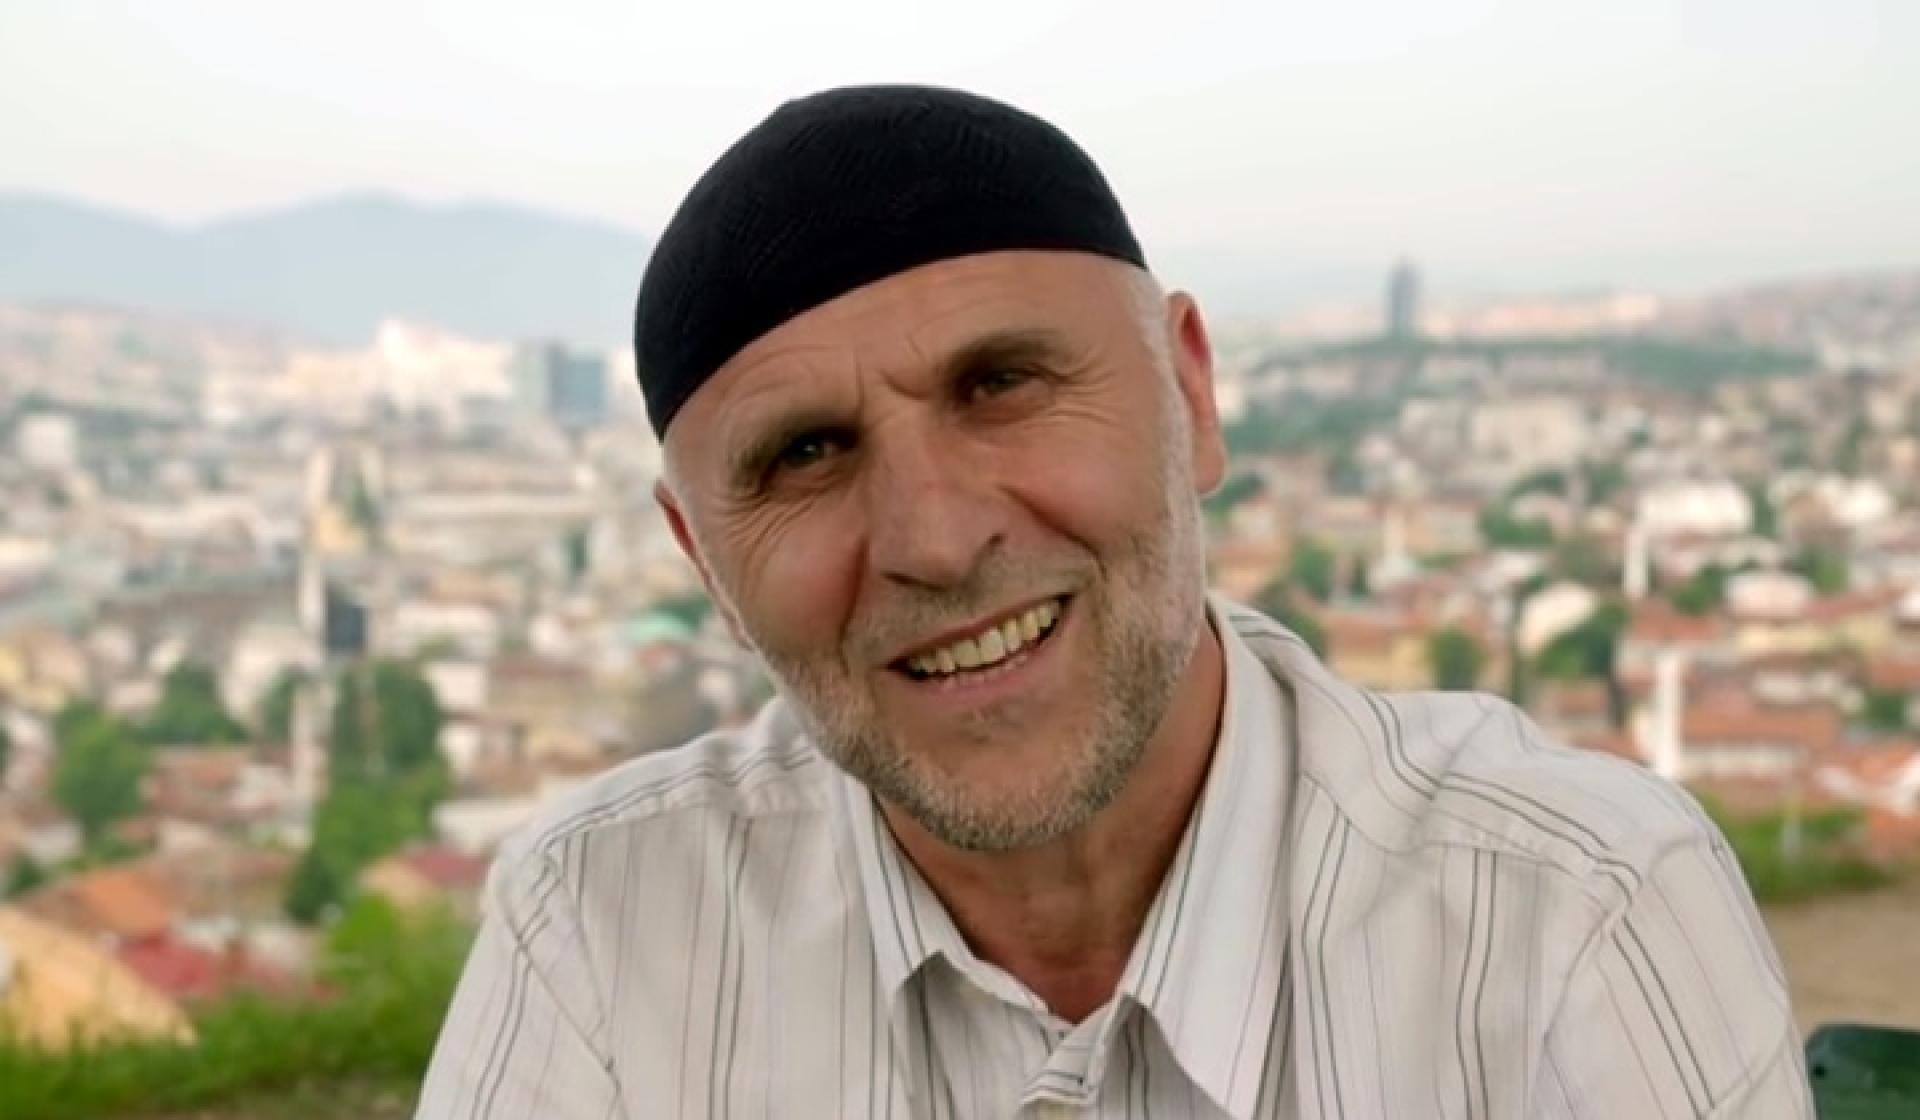 Hafiz Bugari: Neki govore u ime svih muslimana, a trebali bi se stidjeti